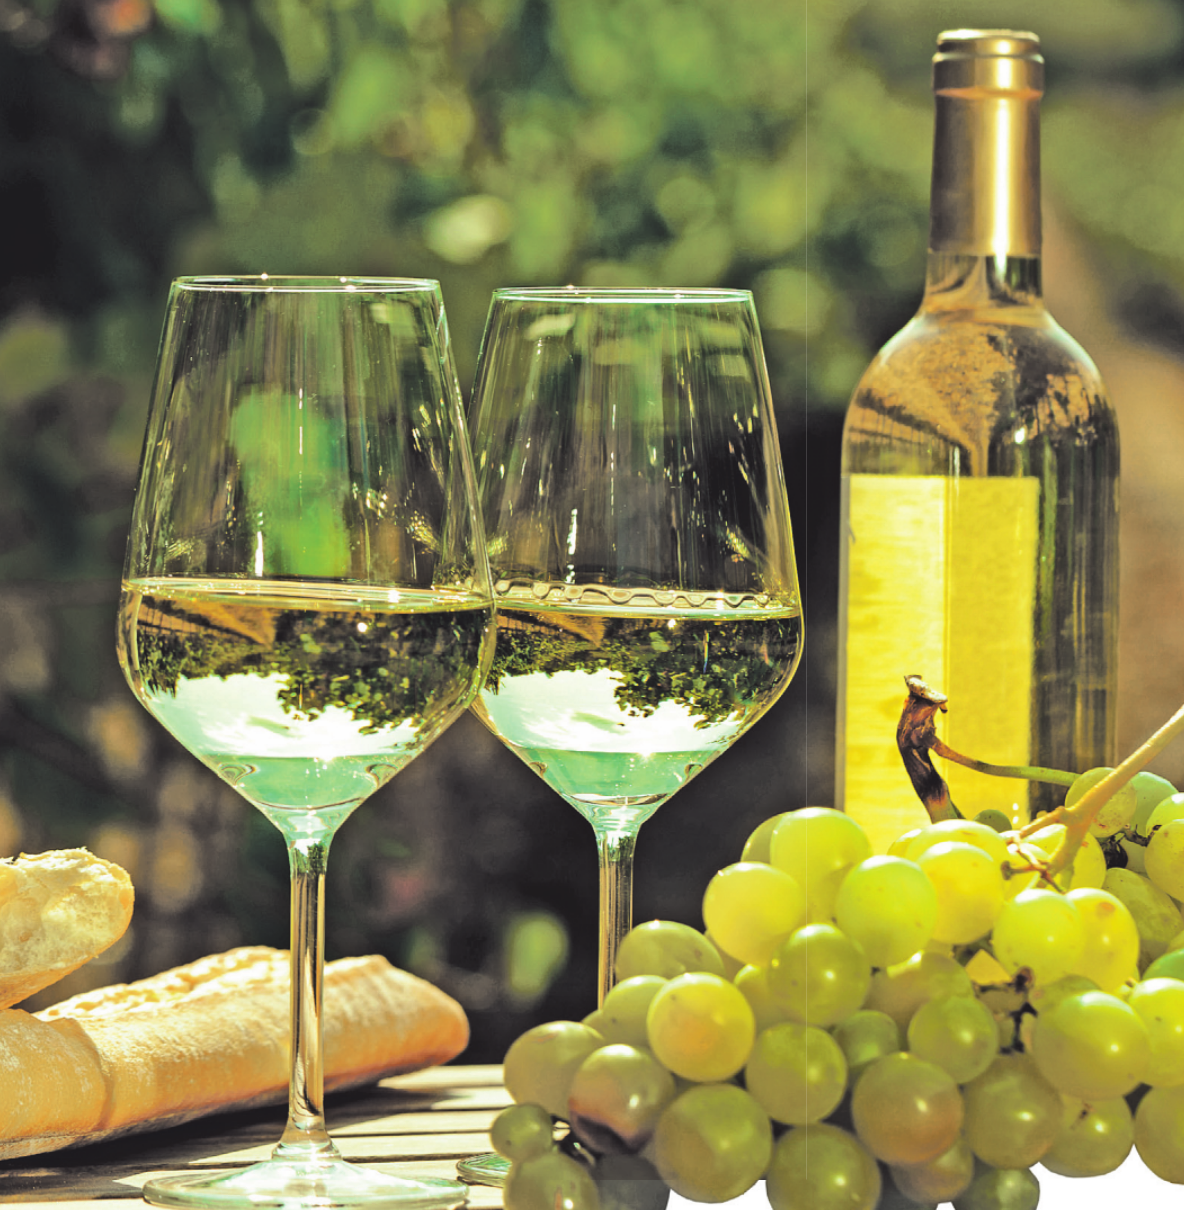 """Wer in Wein investieren möchte, sollte sich an die französische """"Premier Cru"""" halten, die nur in geringer Stückzahl auf dem Markt verfügbar istBild: caftor/stock.adobe.com"""